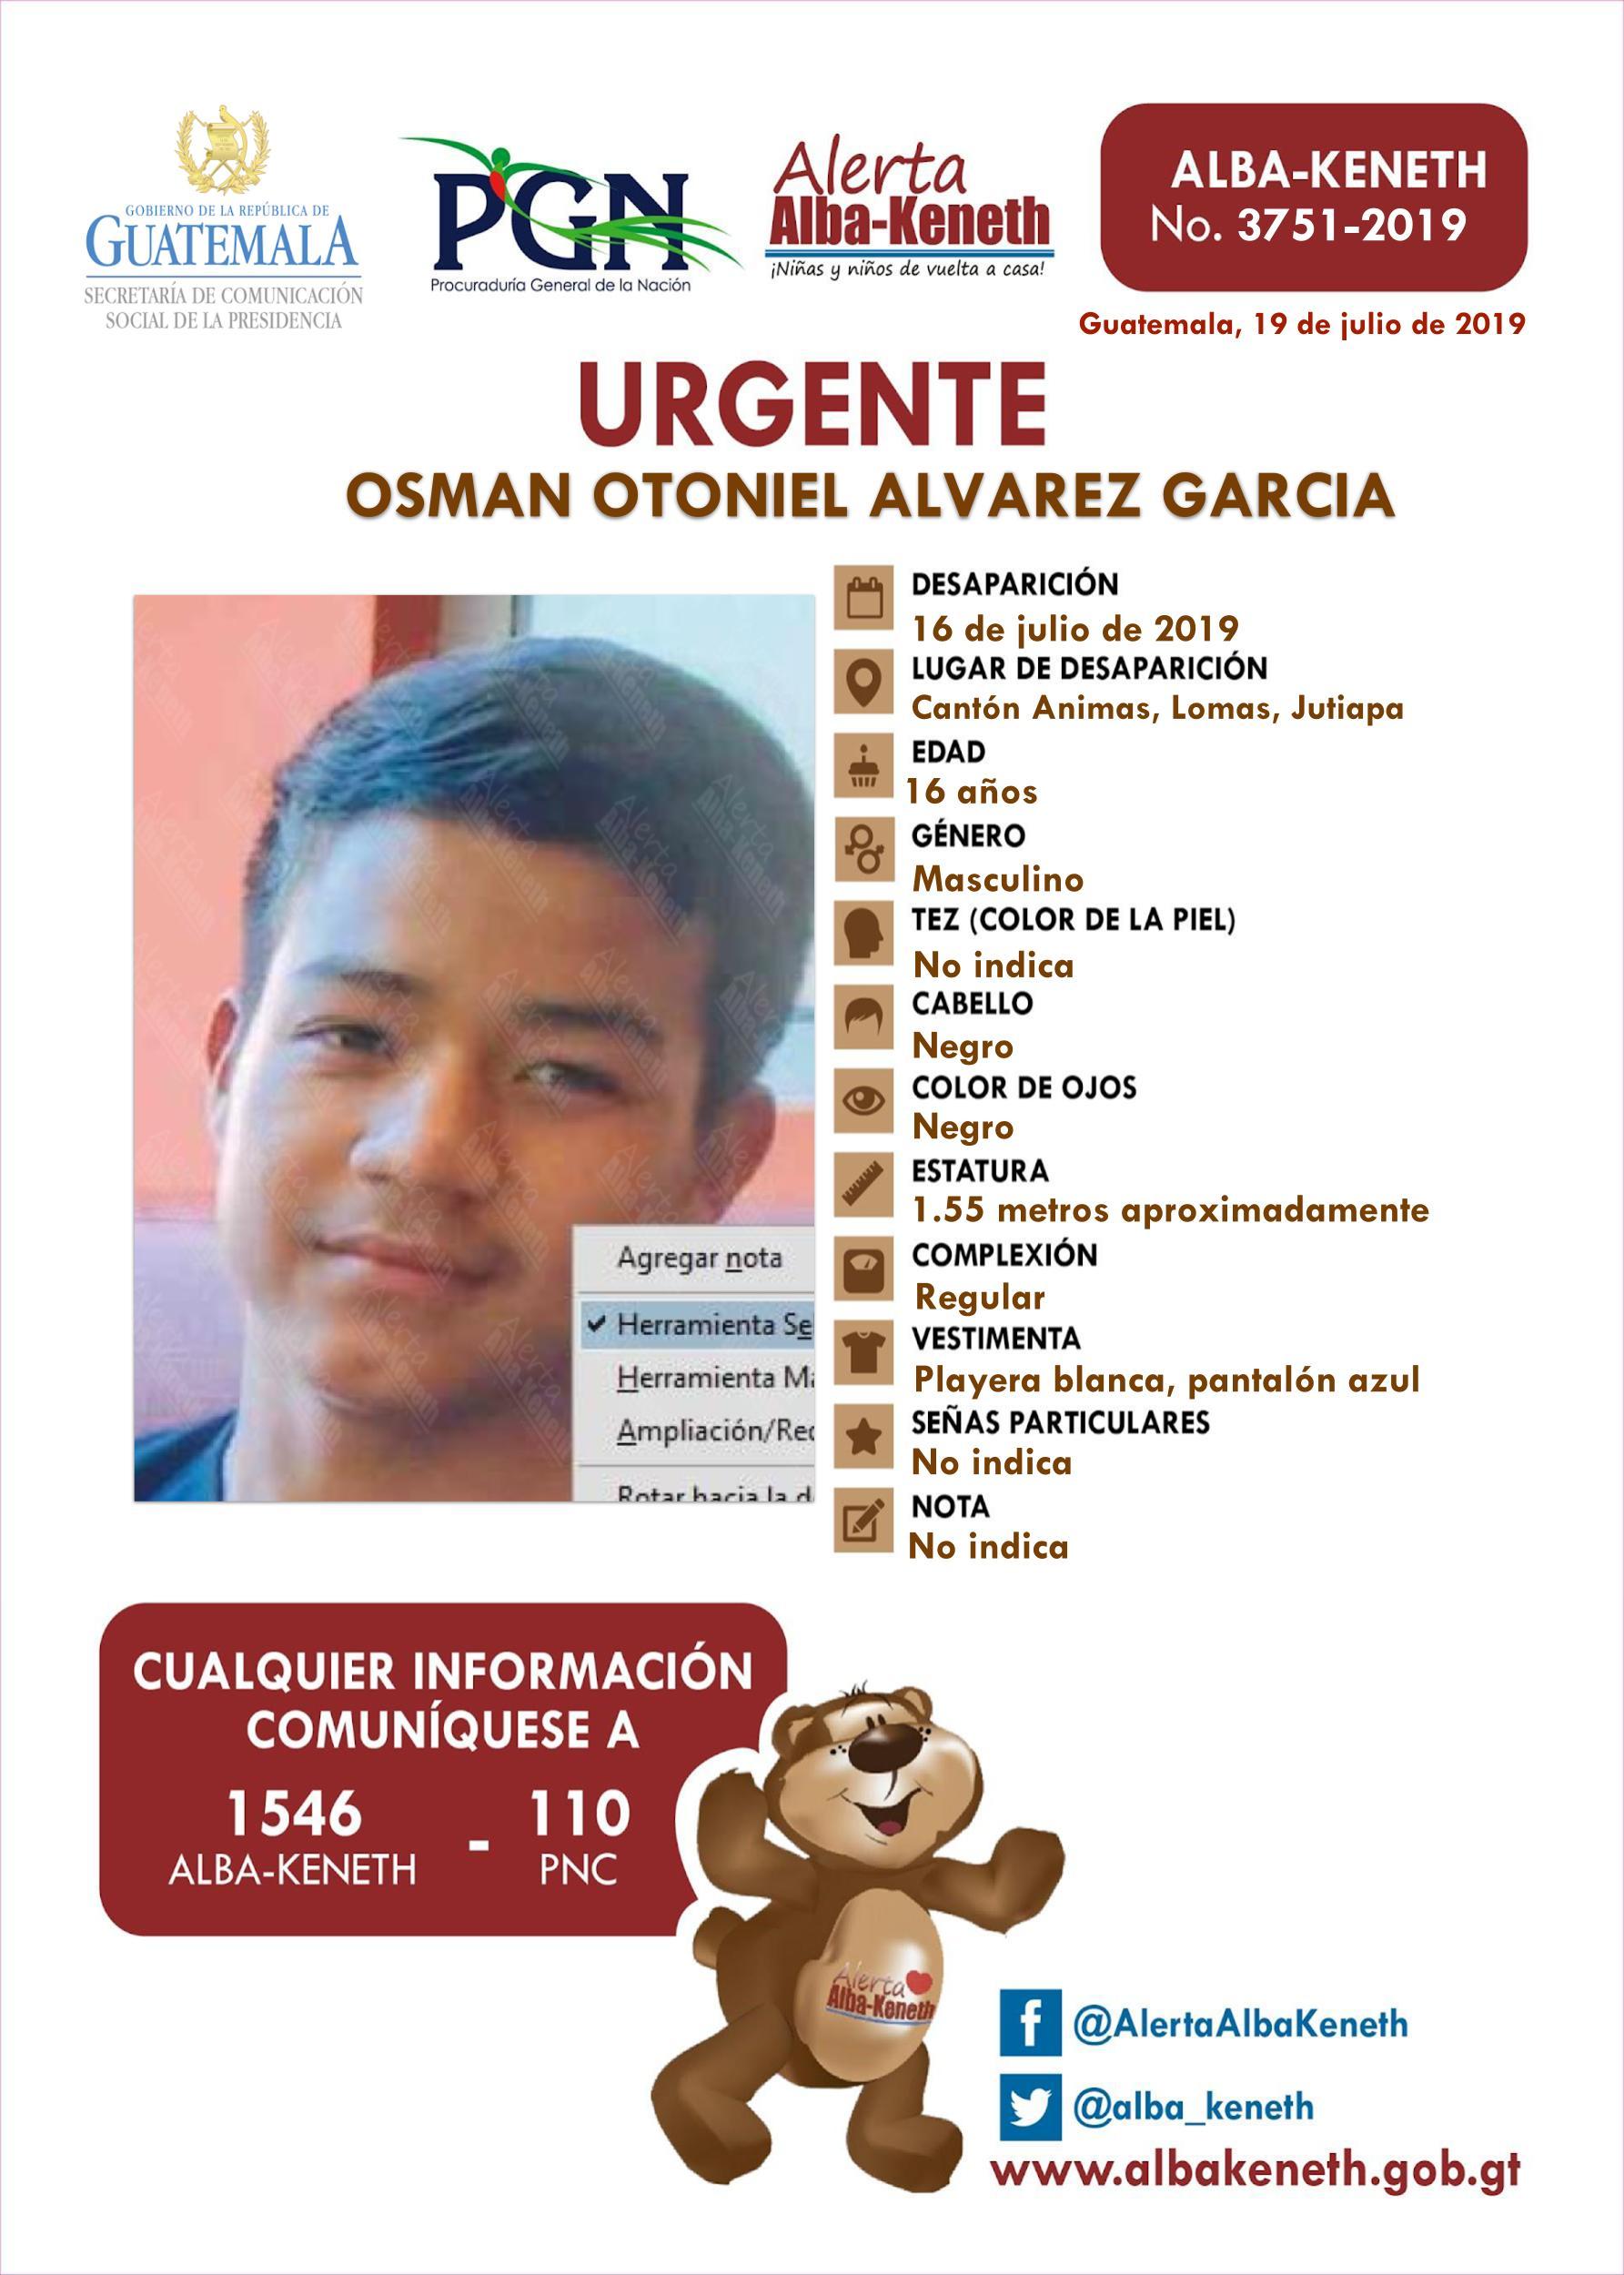 Osman Otoniel Alvarez Garcia